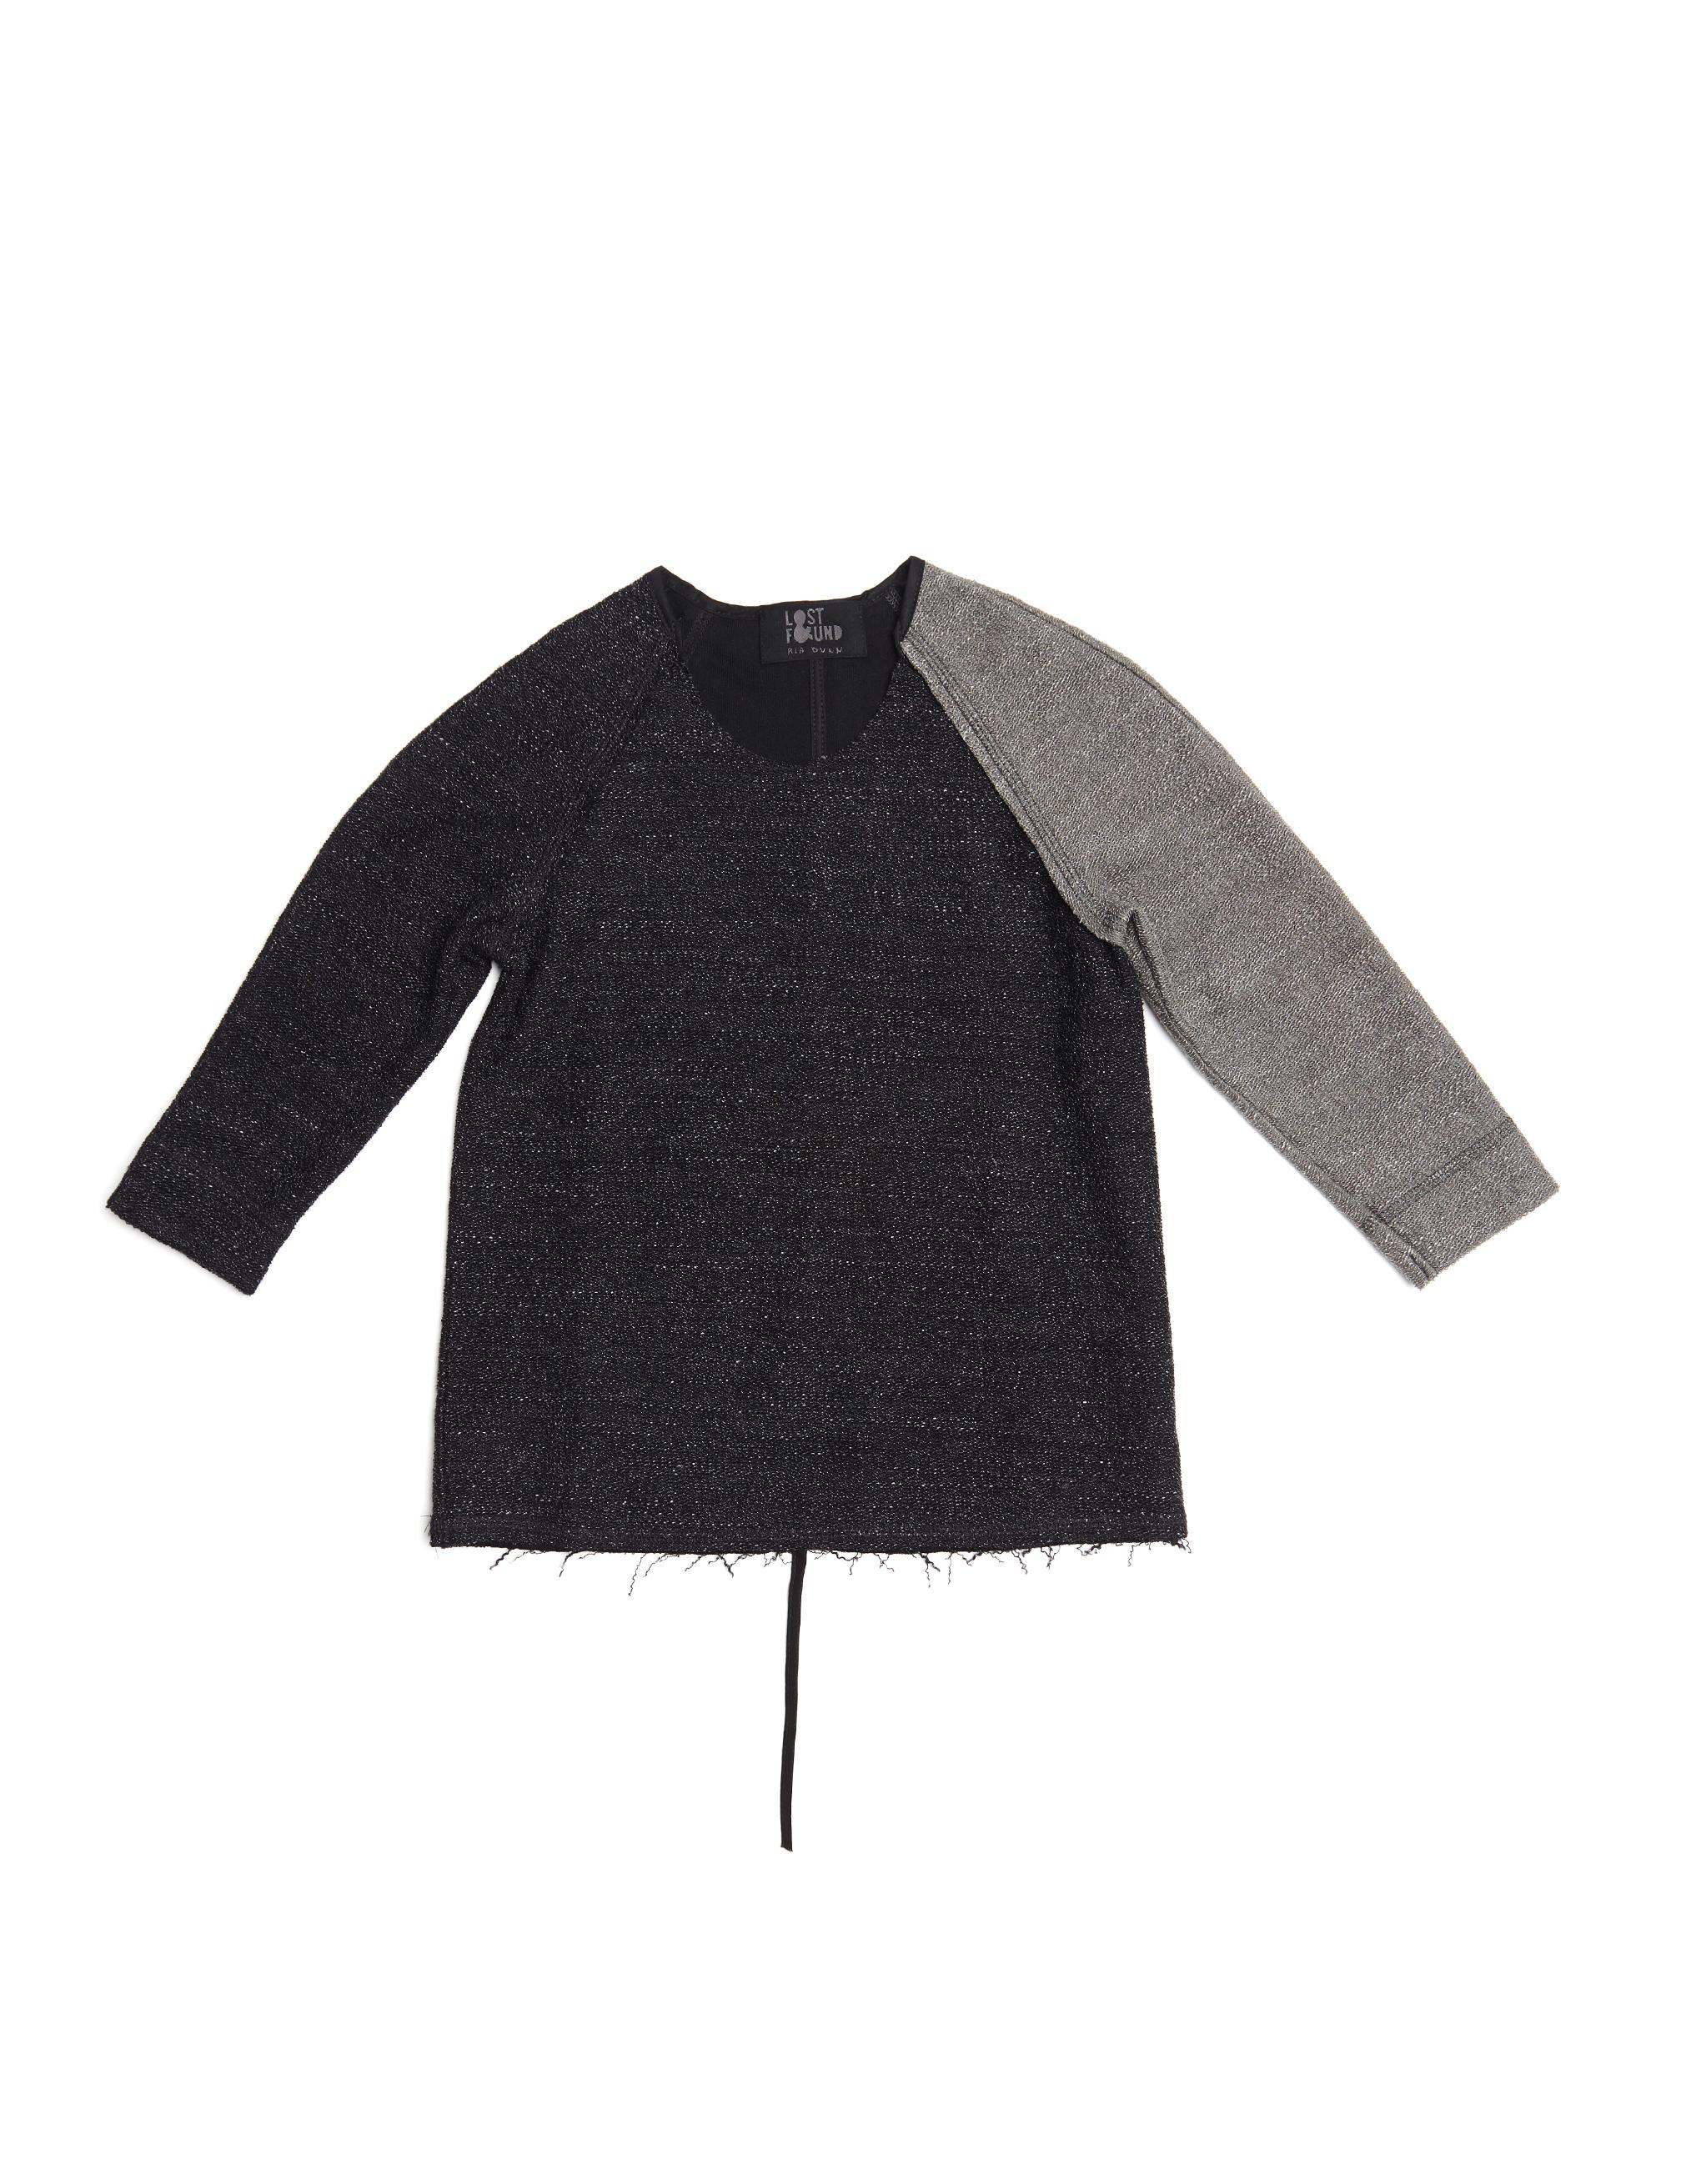 Lost&Found kids Cotton Kids Sweatshirt